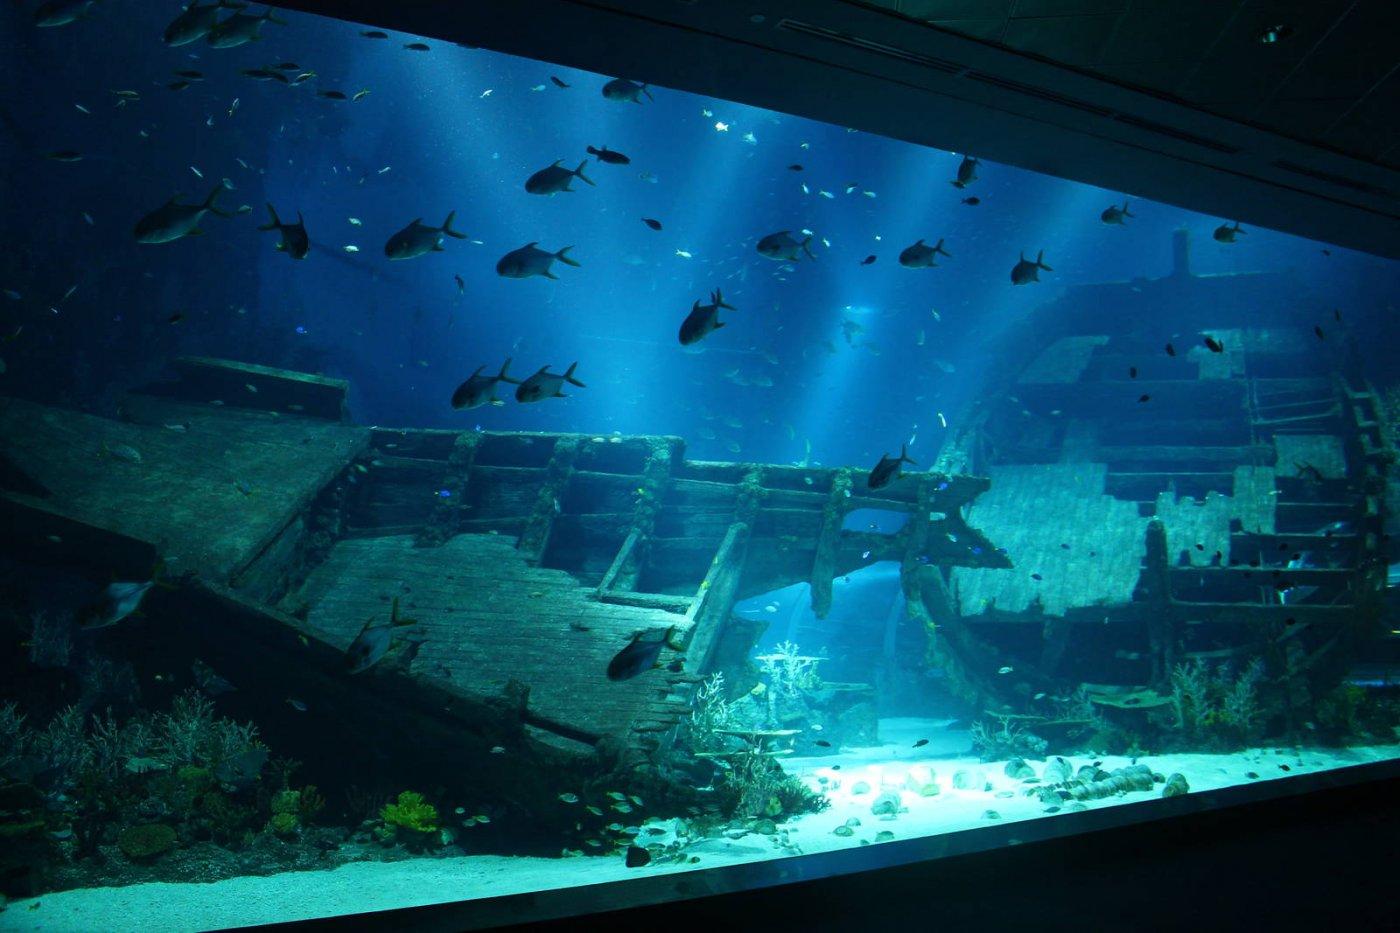 新加坡SEA 海洋馆攻略SEA 海洋馆门票地址SEA 海洋馆游览攻略  马蜂窝